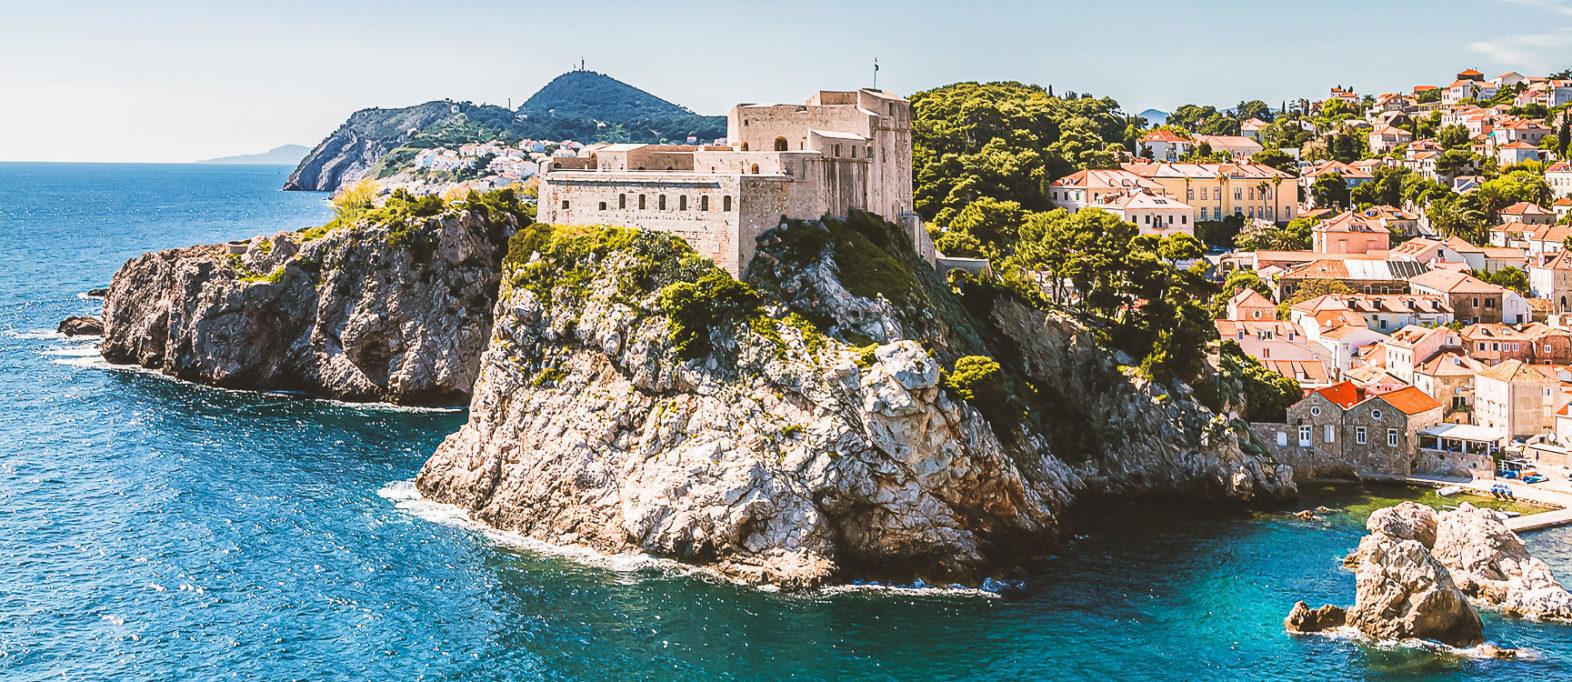 Dubrovnik – Sehenswürdigkeiten und Highlights für den perfekten Städtetrip